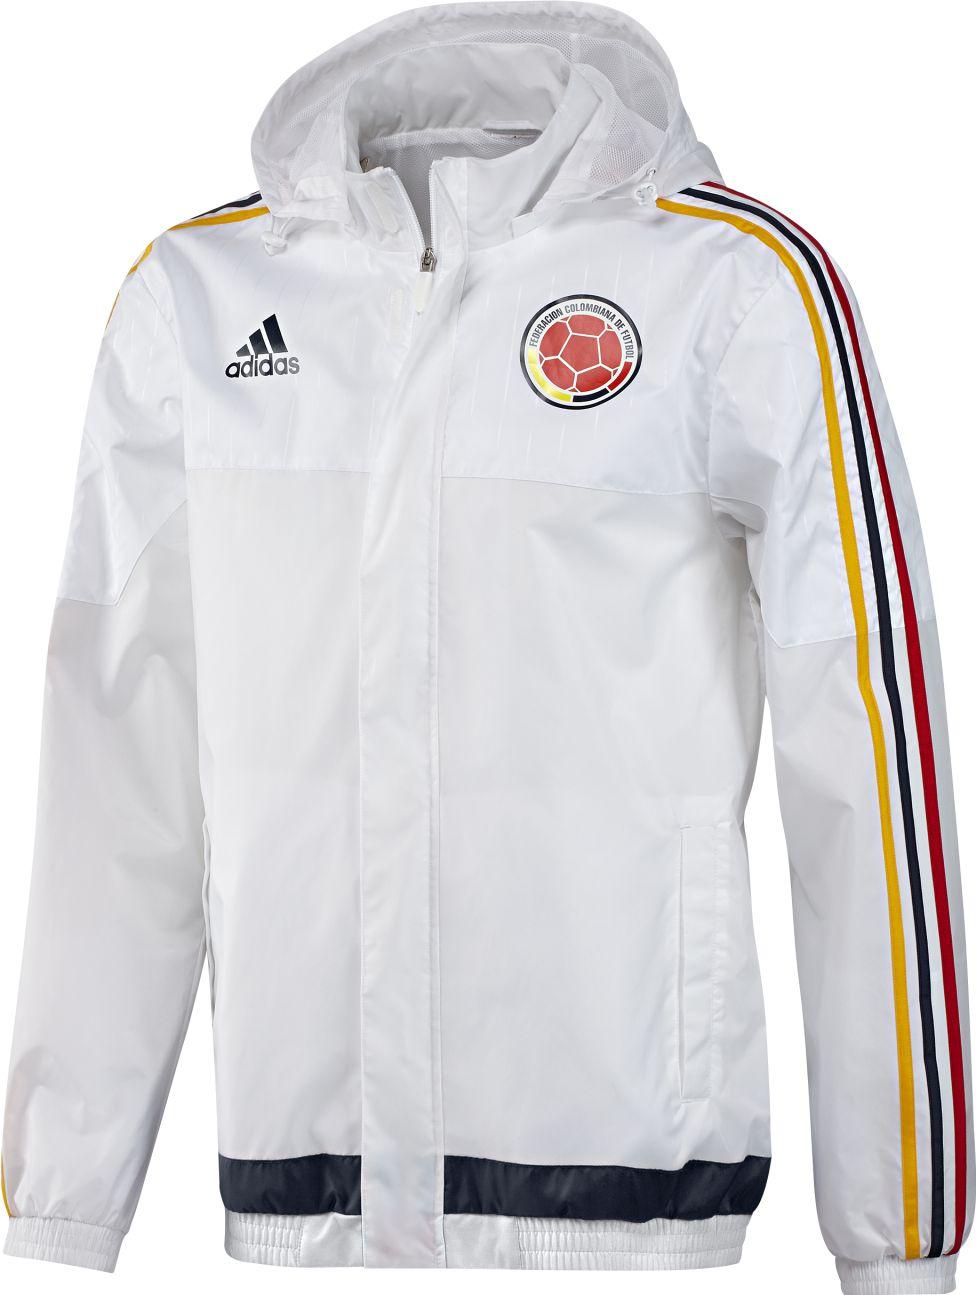 chaqueta adidas original blanca